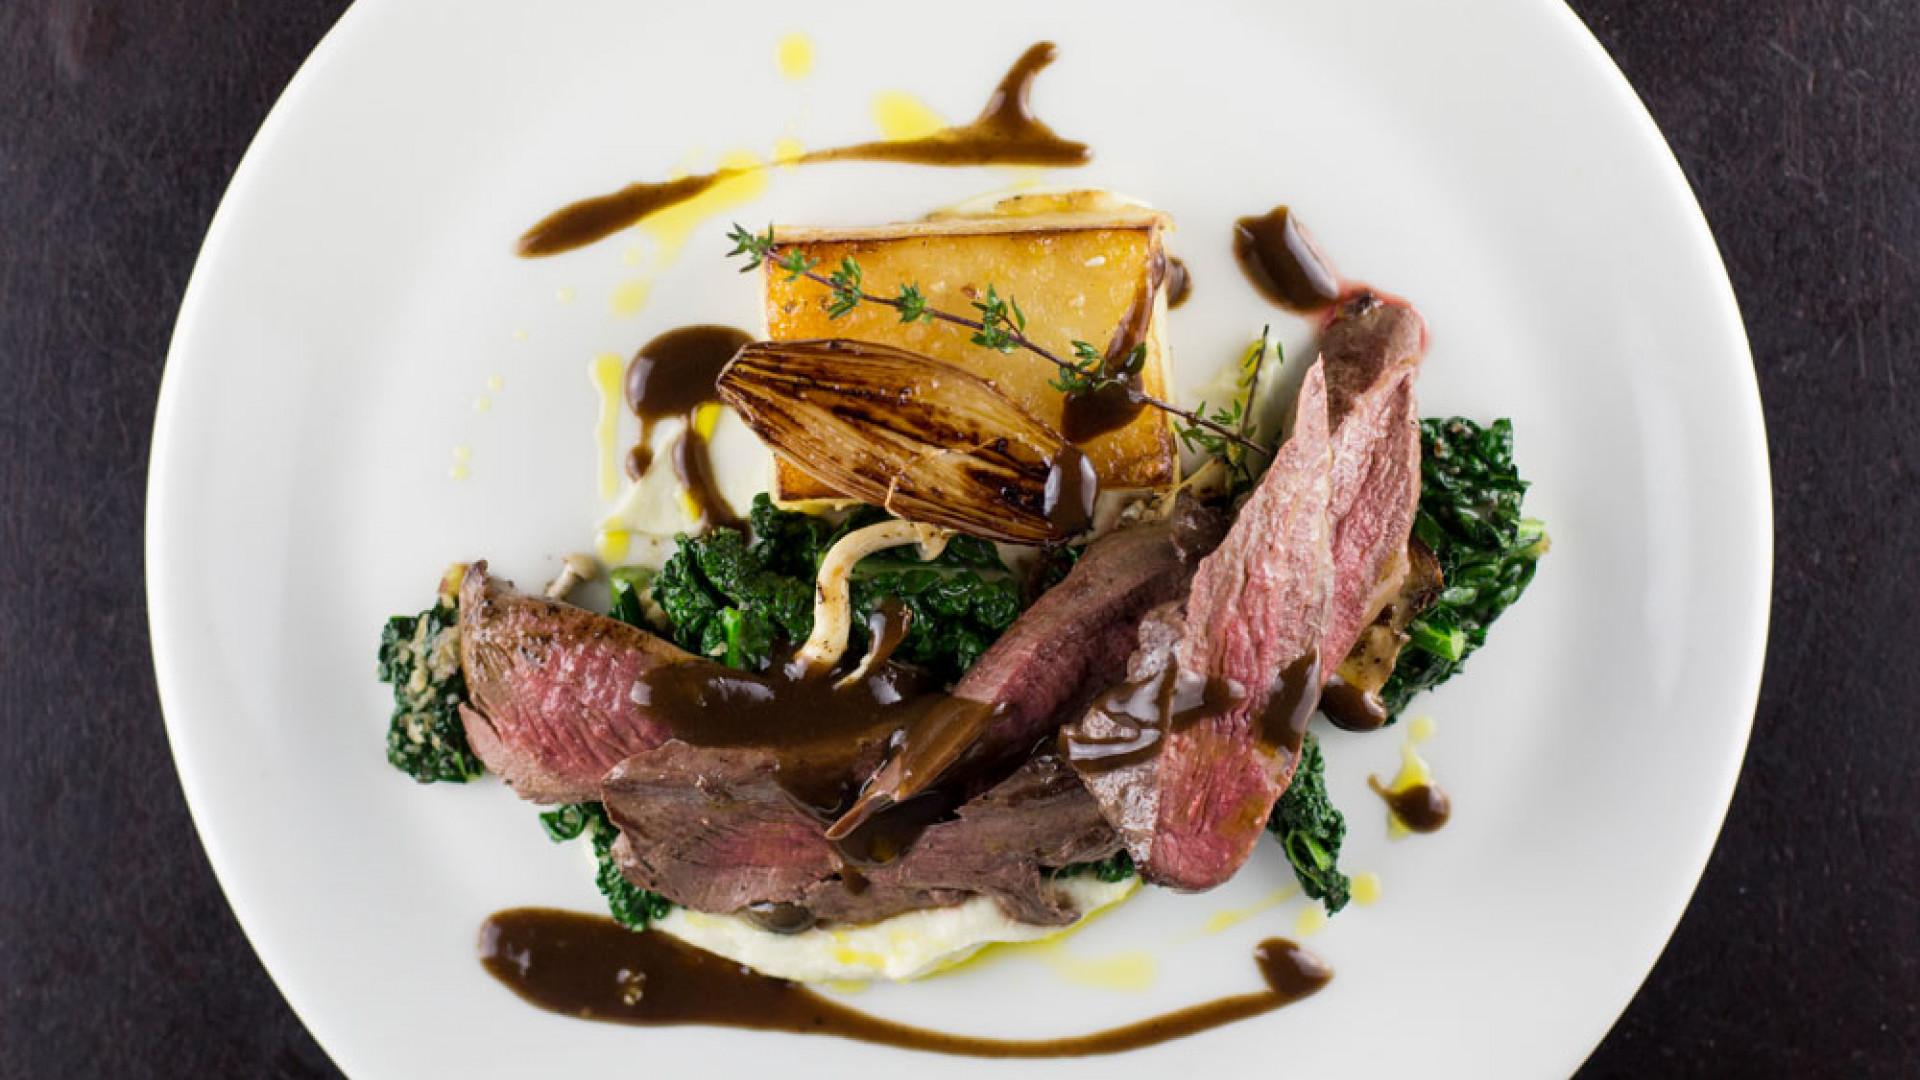 Wagyu beef roast at Shoot The Bull, Hull